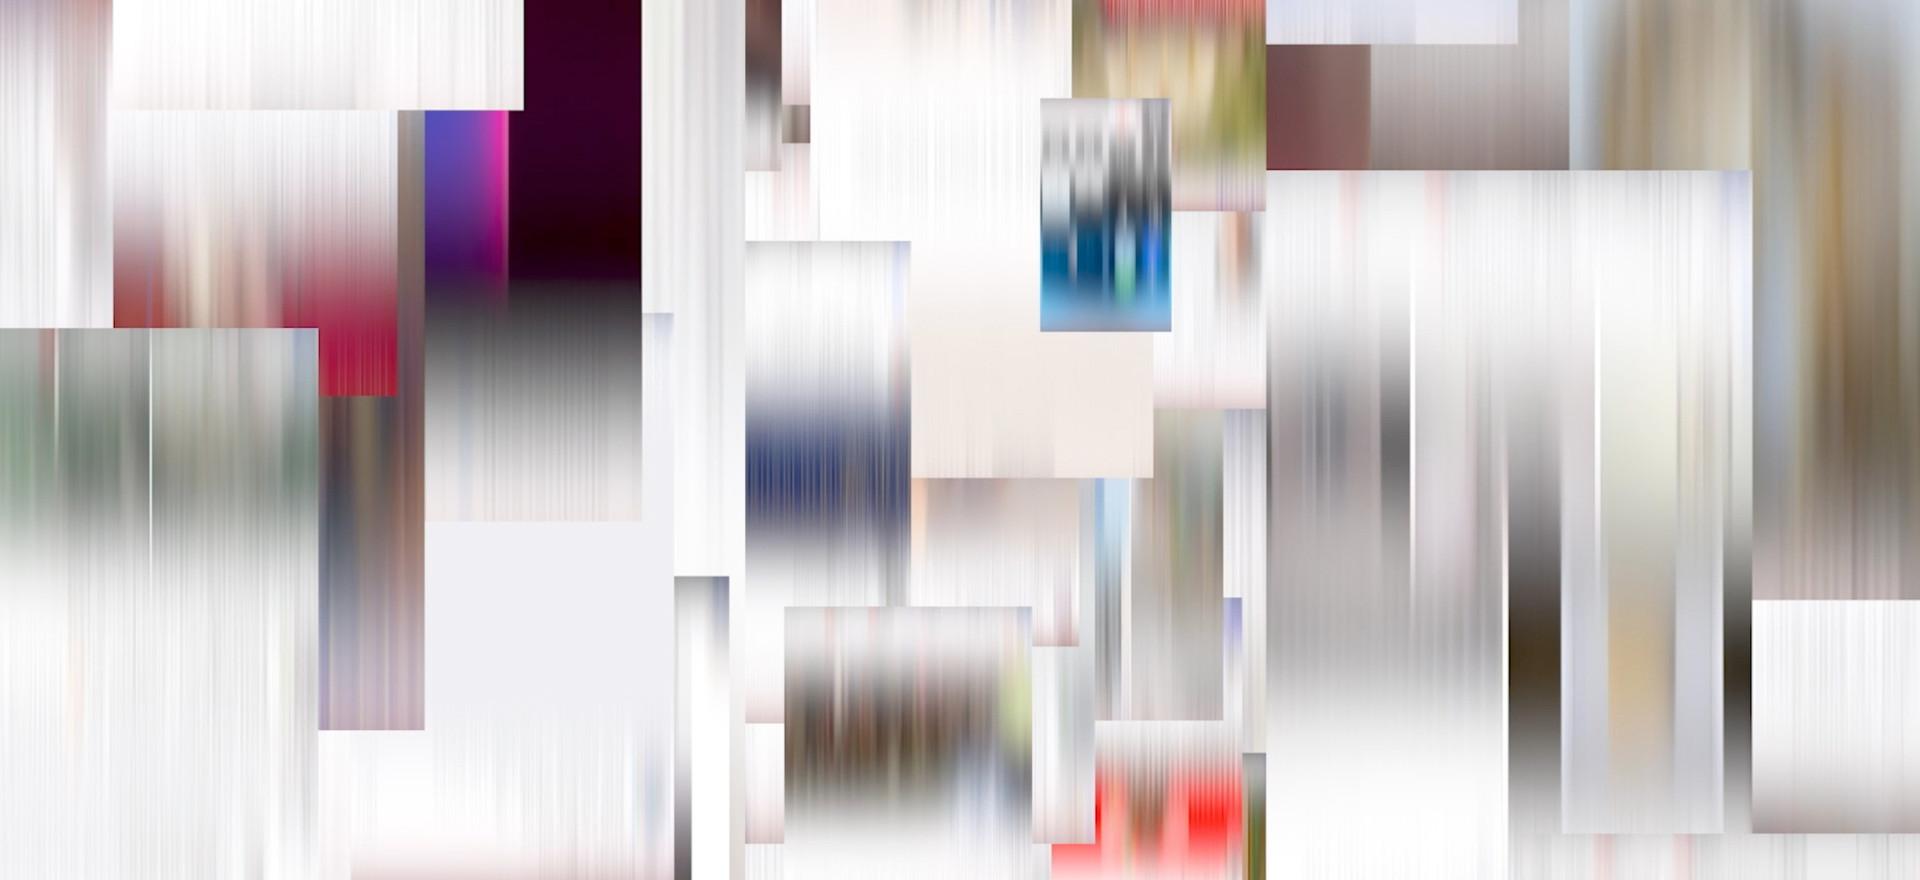 32132.jpg